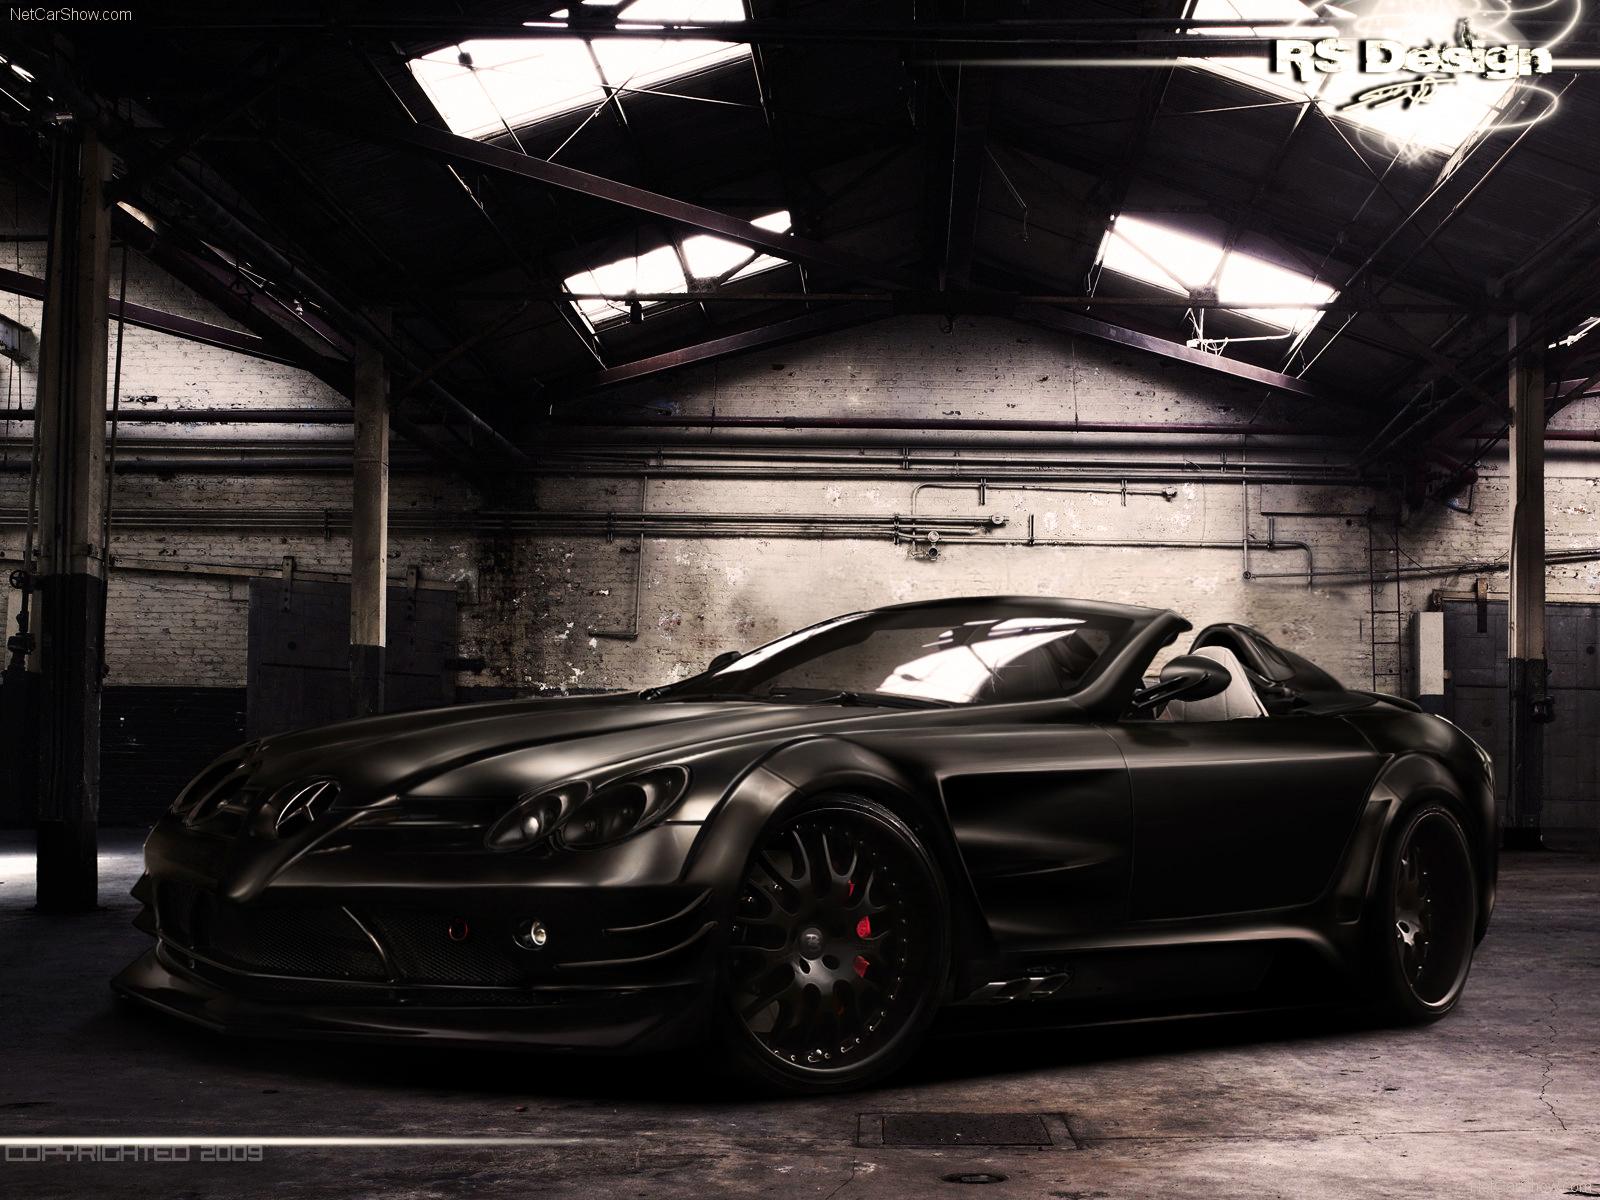 Mercedes Benz Black 1 Widescreen Car Wallpaper 1600x1200